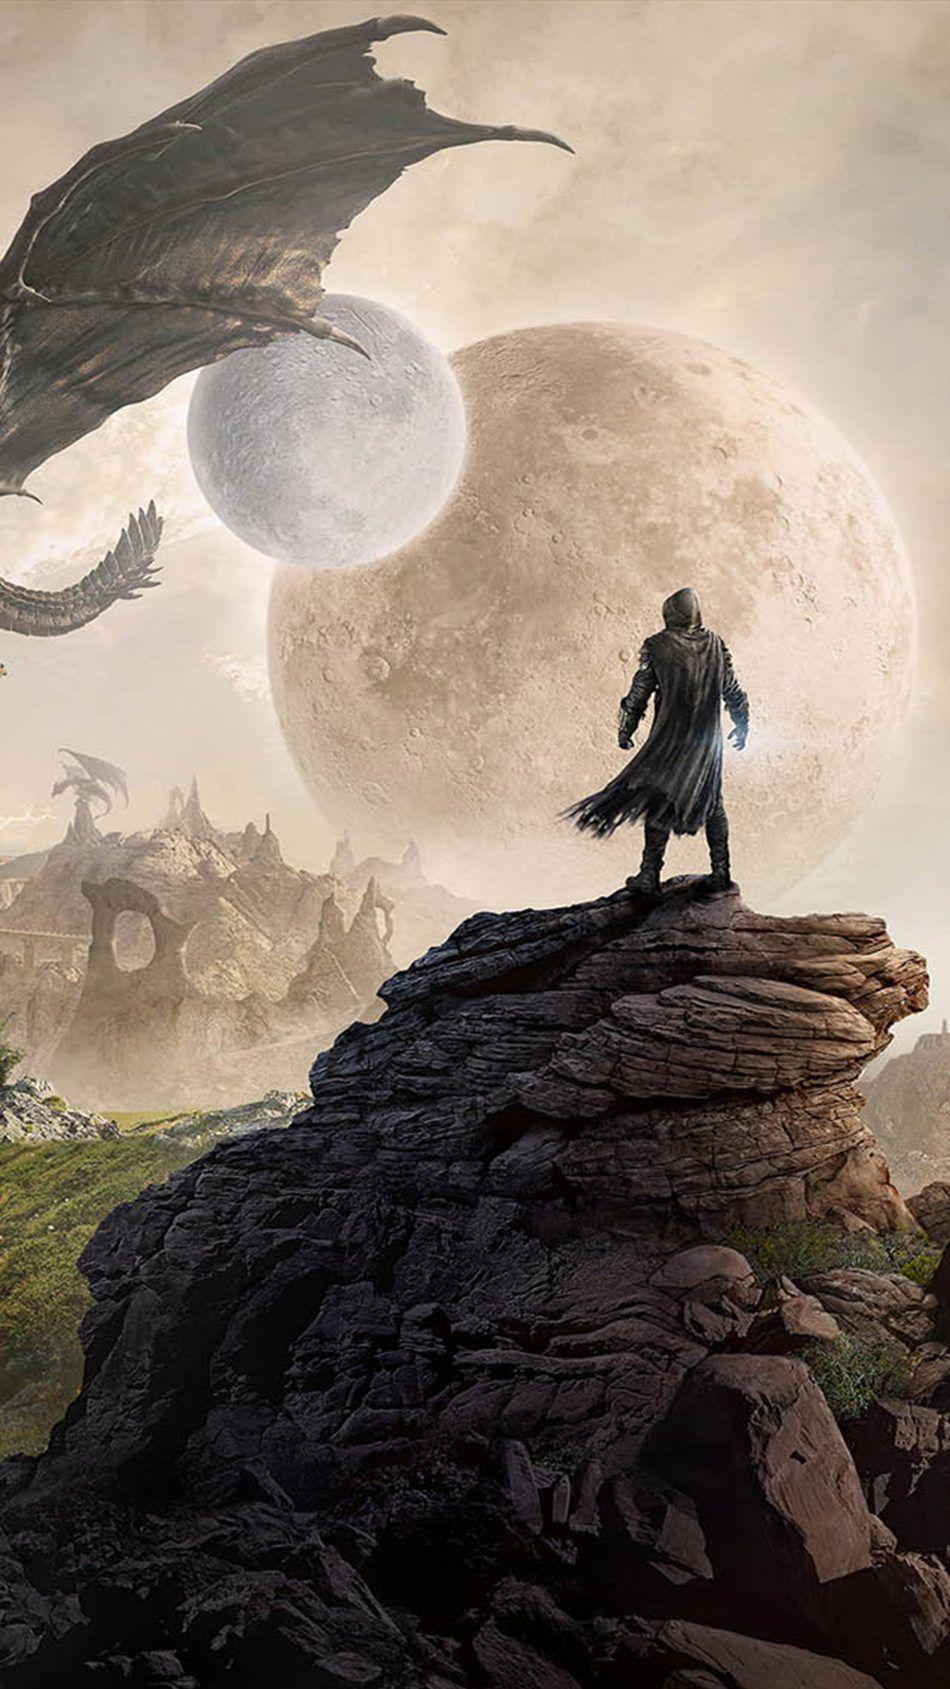 The Elder Scrolls Online Elsweyr 4k Ultra Hd Mobile Wallpaper Game Skyrim Wallpaper Skyrim Fanart Elder Scrolls Art